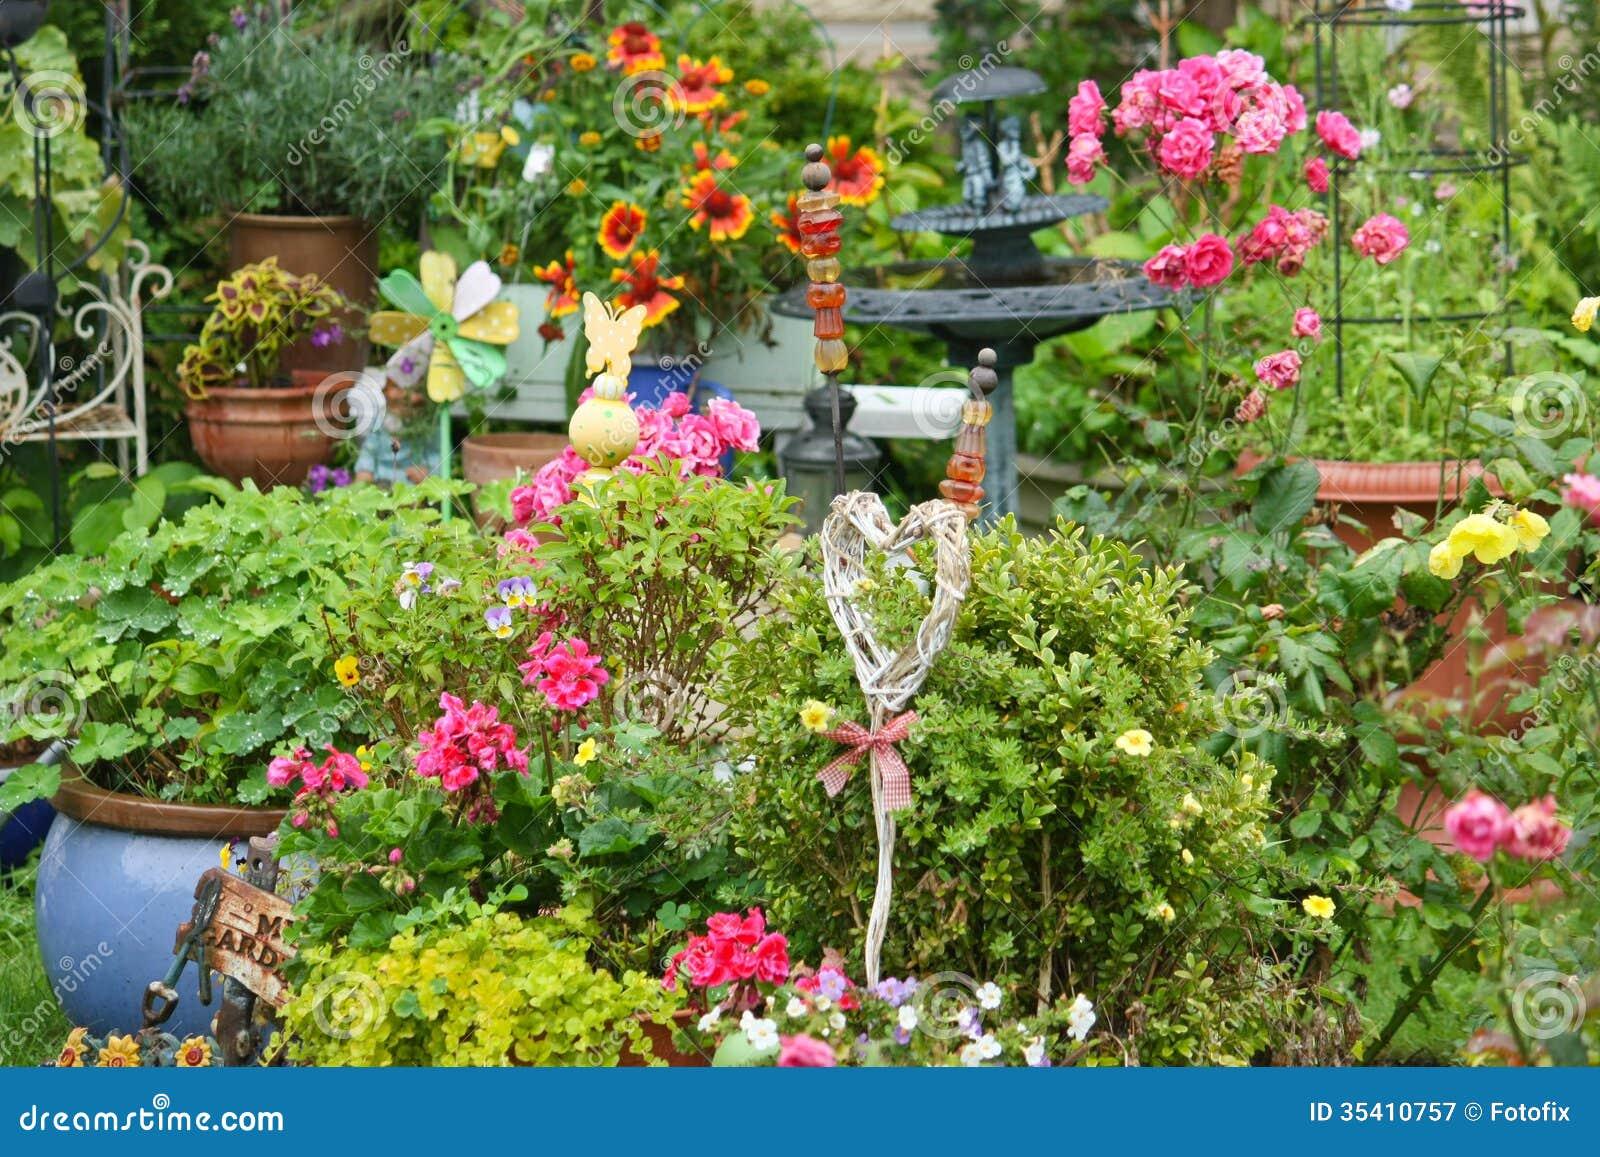 Bunter Blühender Garten Lizenzfreie Stockfotografie - Bild: 35410757